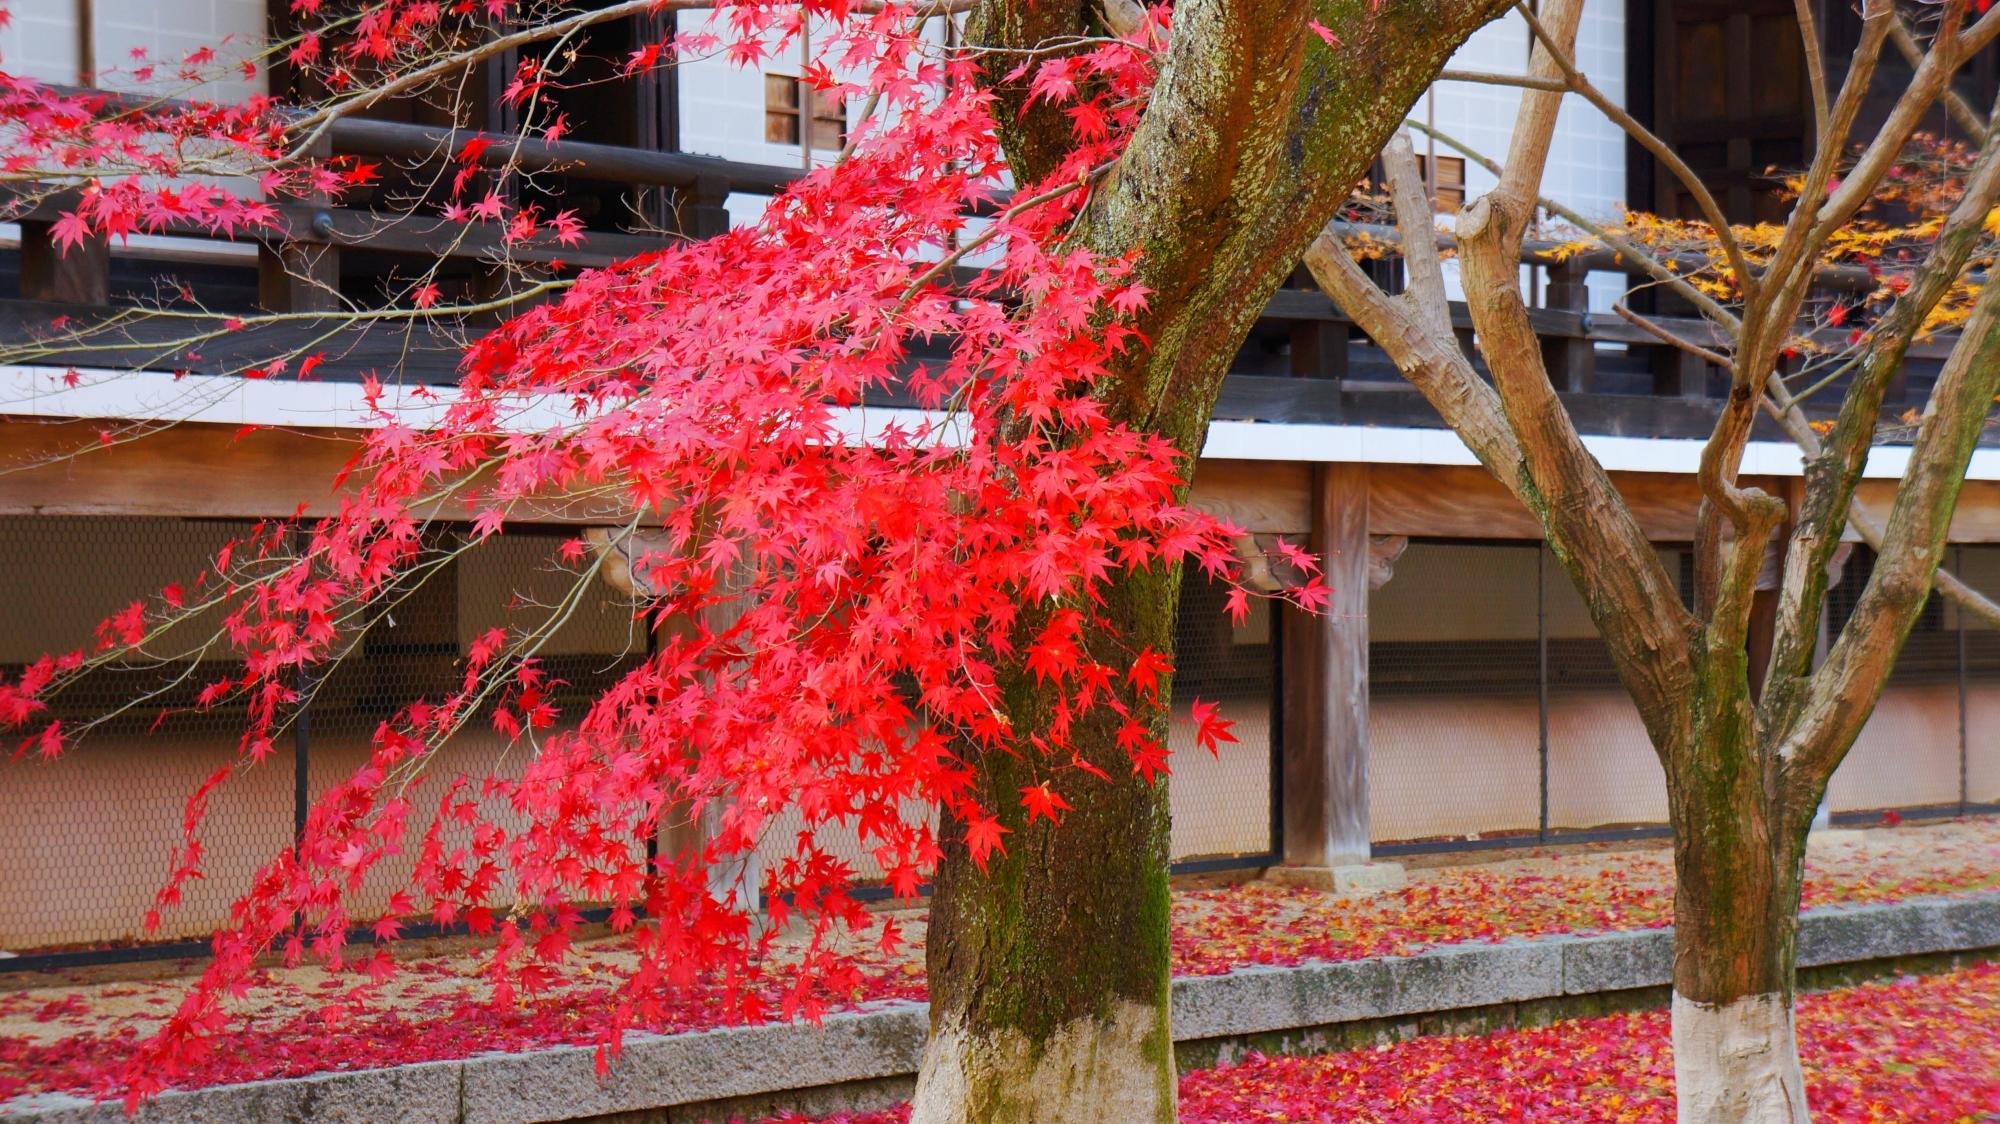 秋風に揺られて散っていく真っ赤な紅葉